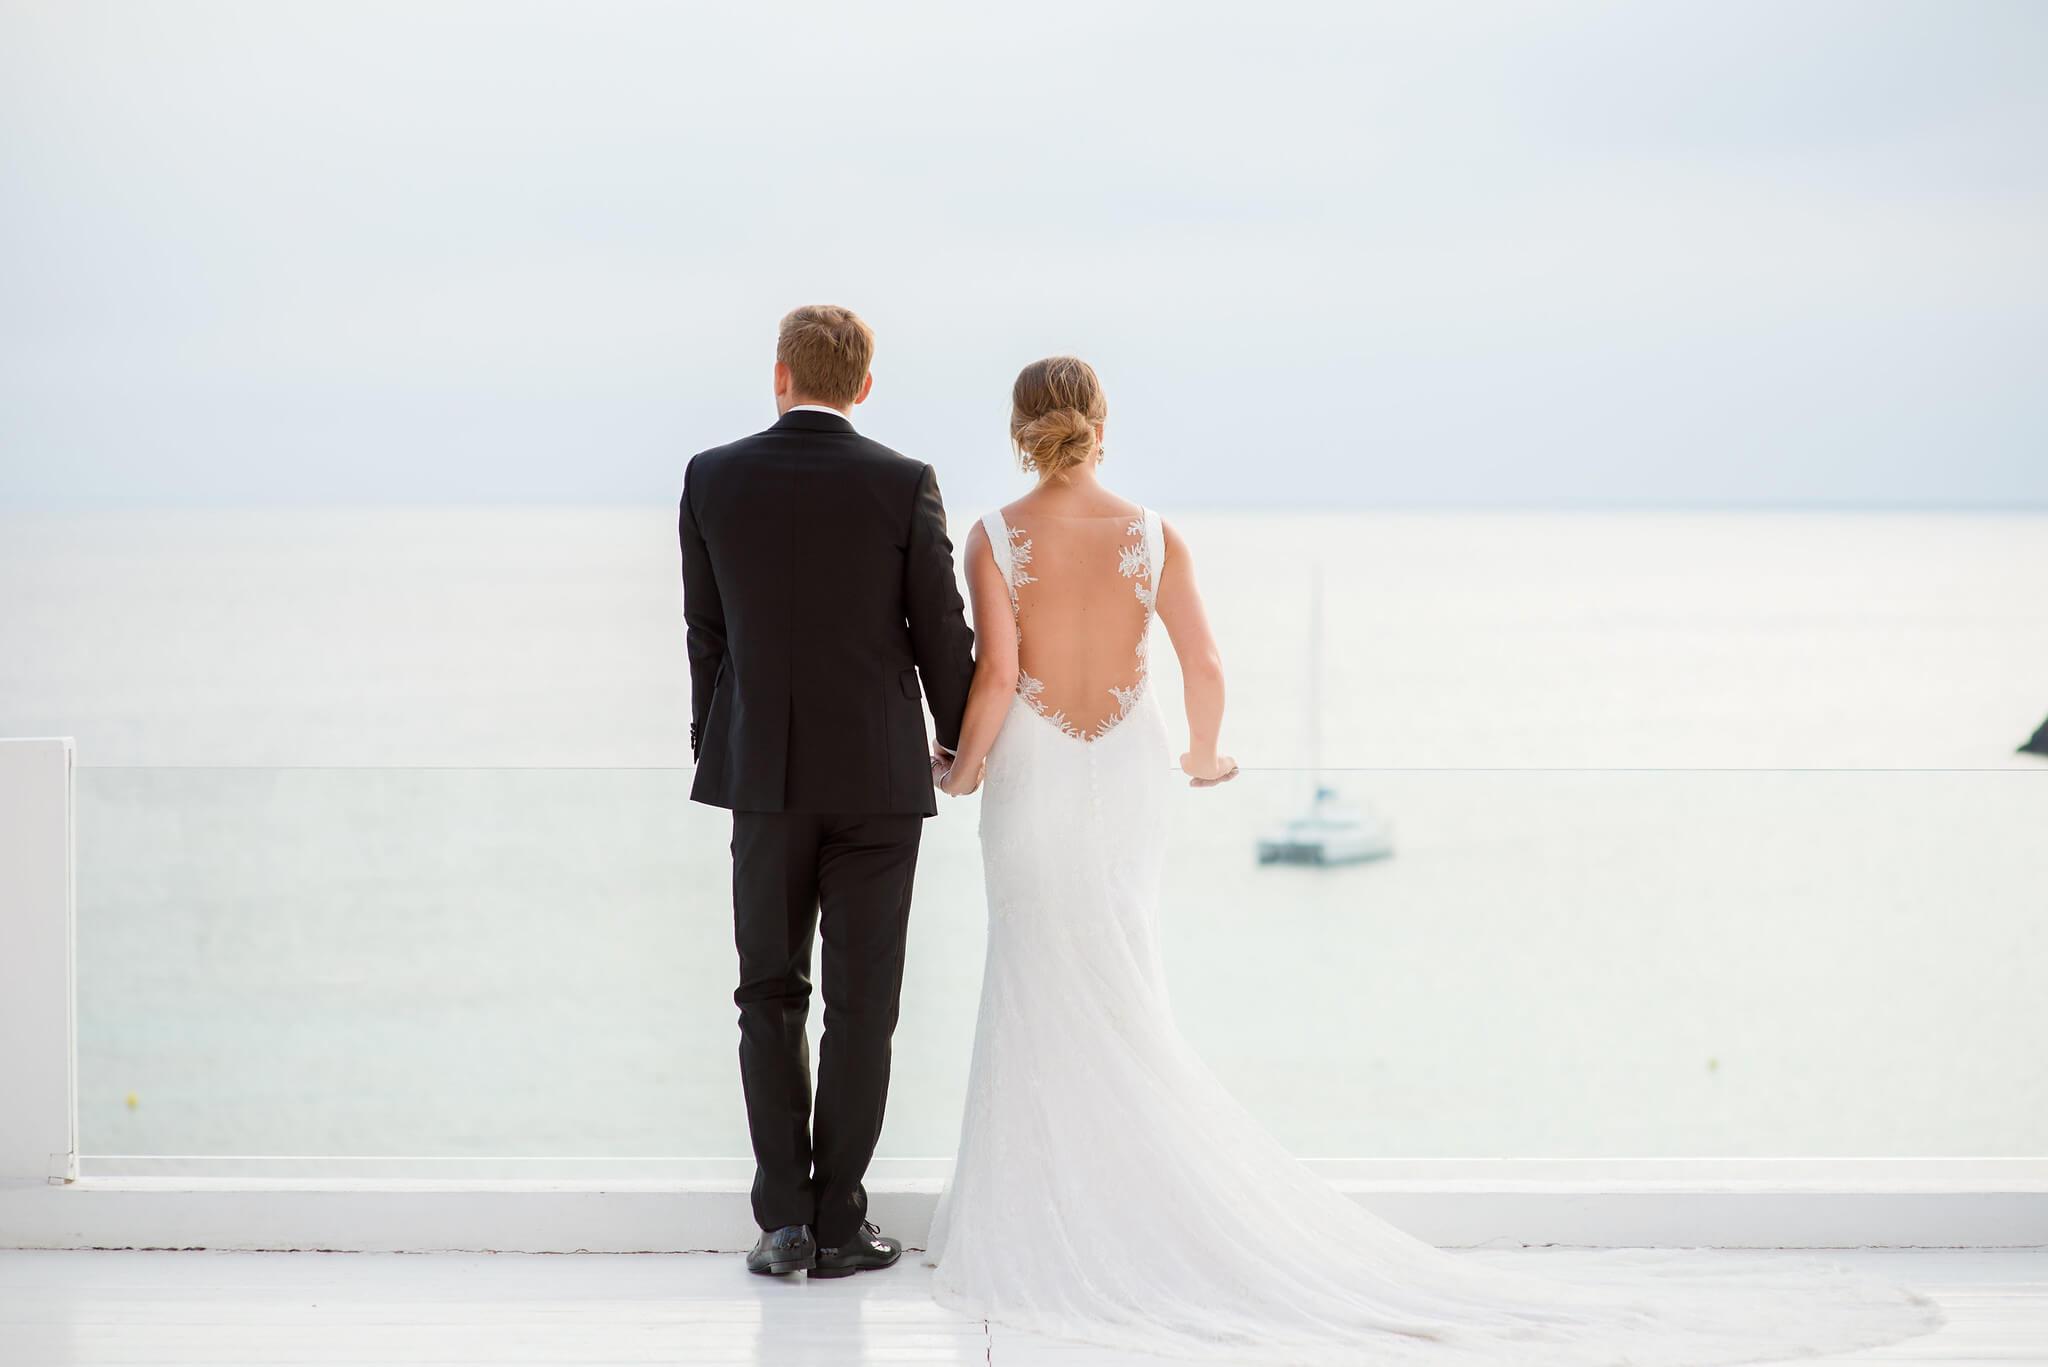 https://www.white-ibiza.com/wp-content/uploads/2020/03/ibiza-wedding-photographer-gypsy-westwood-2020-05.jpg